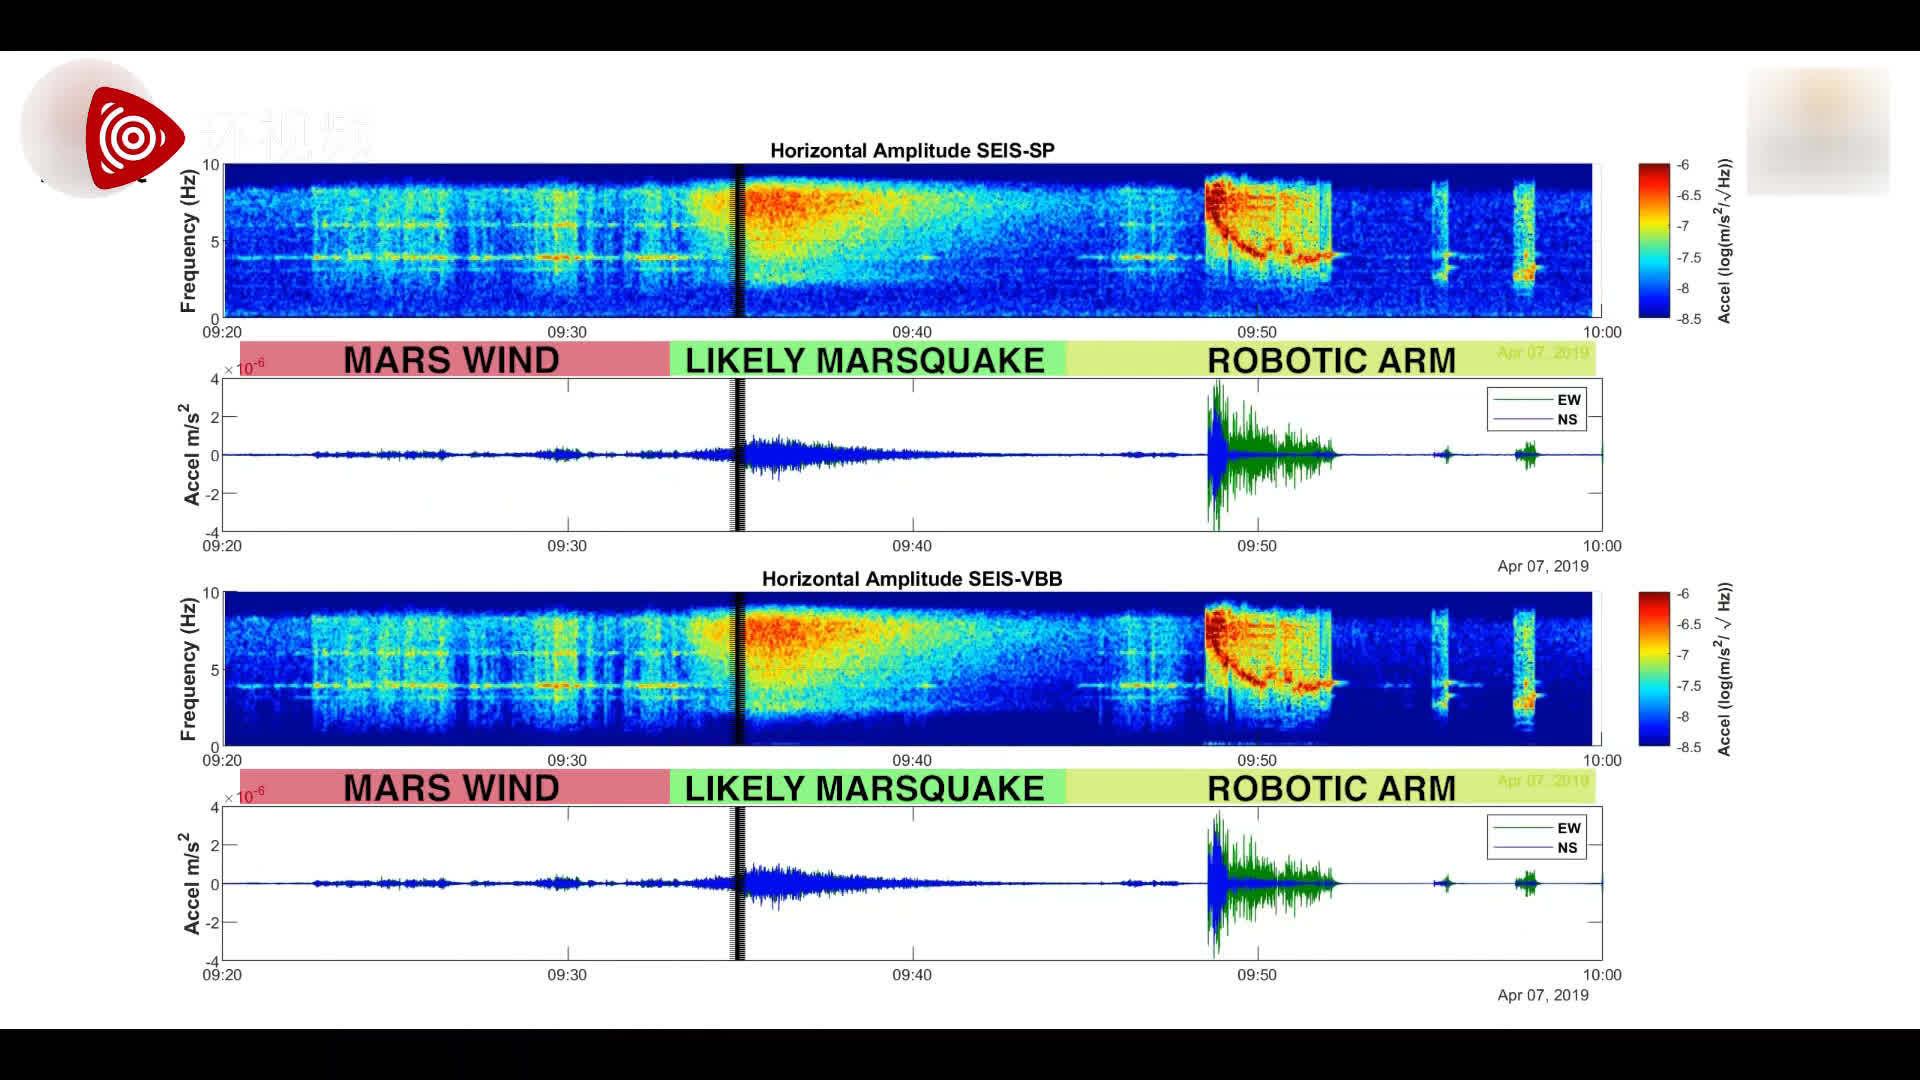 近日,洞察号着陆器在火星上记录到了有可能是火星地震的信号